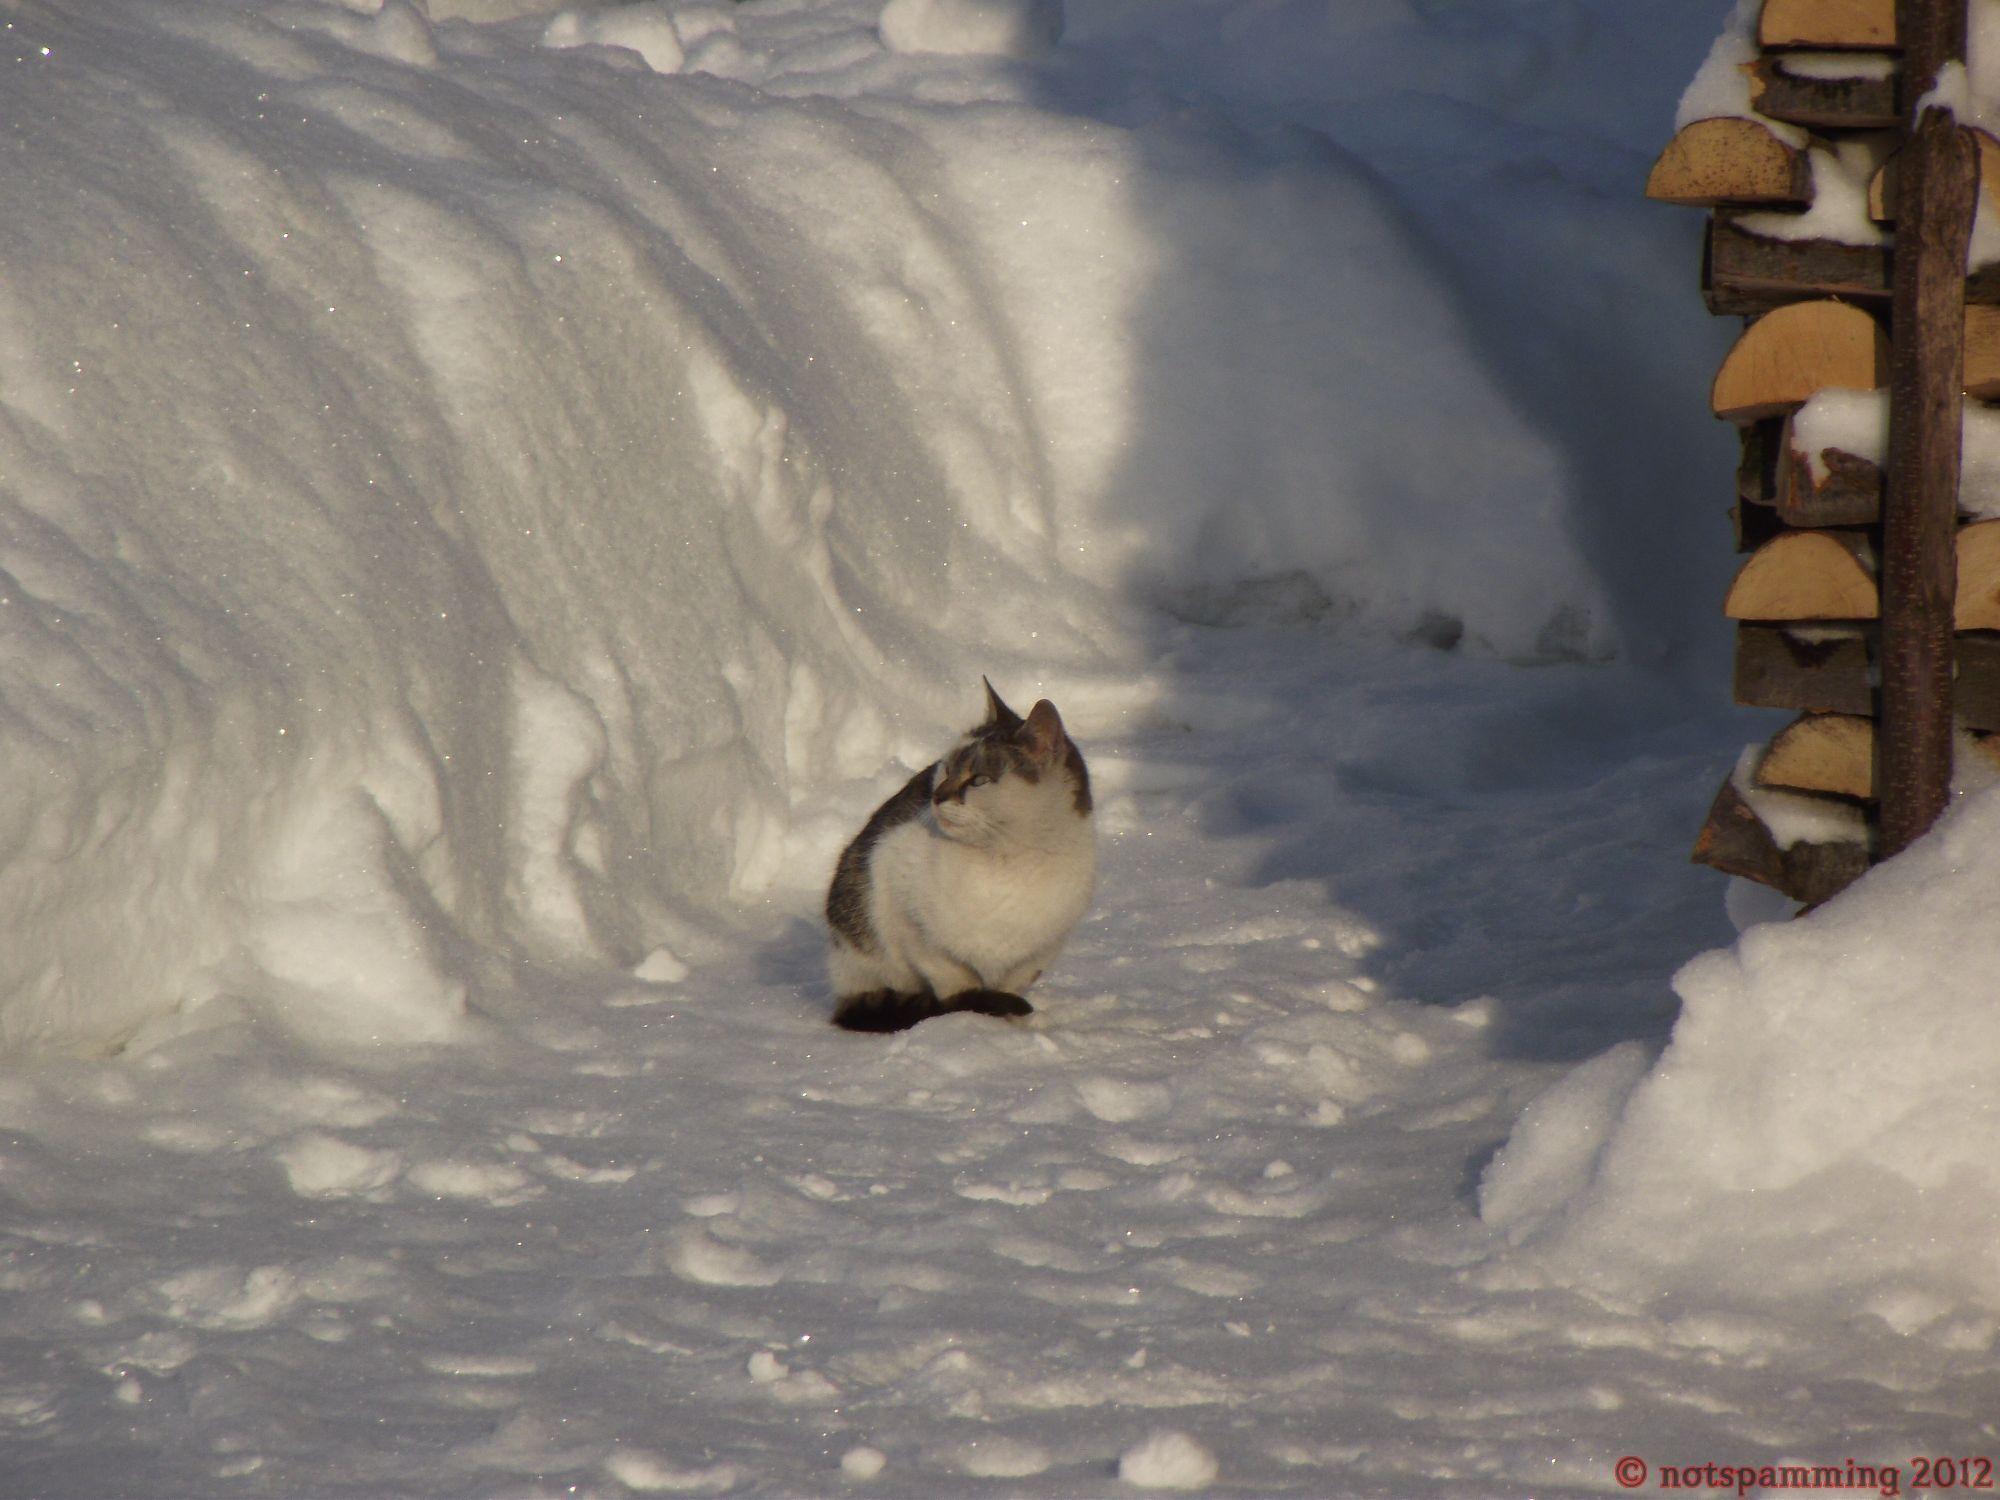 snow_cat3.jpg